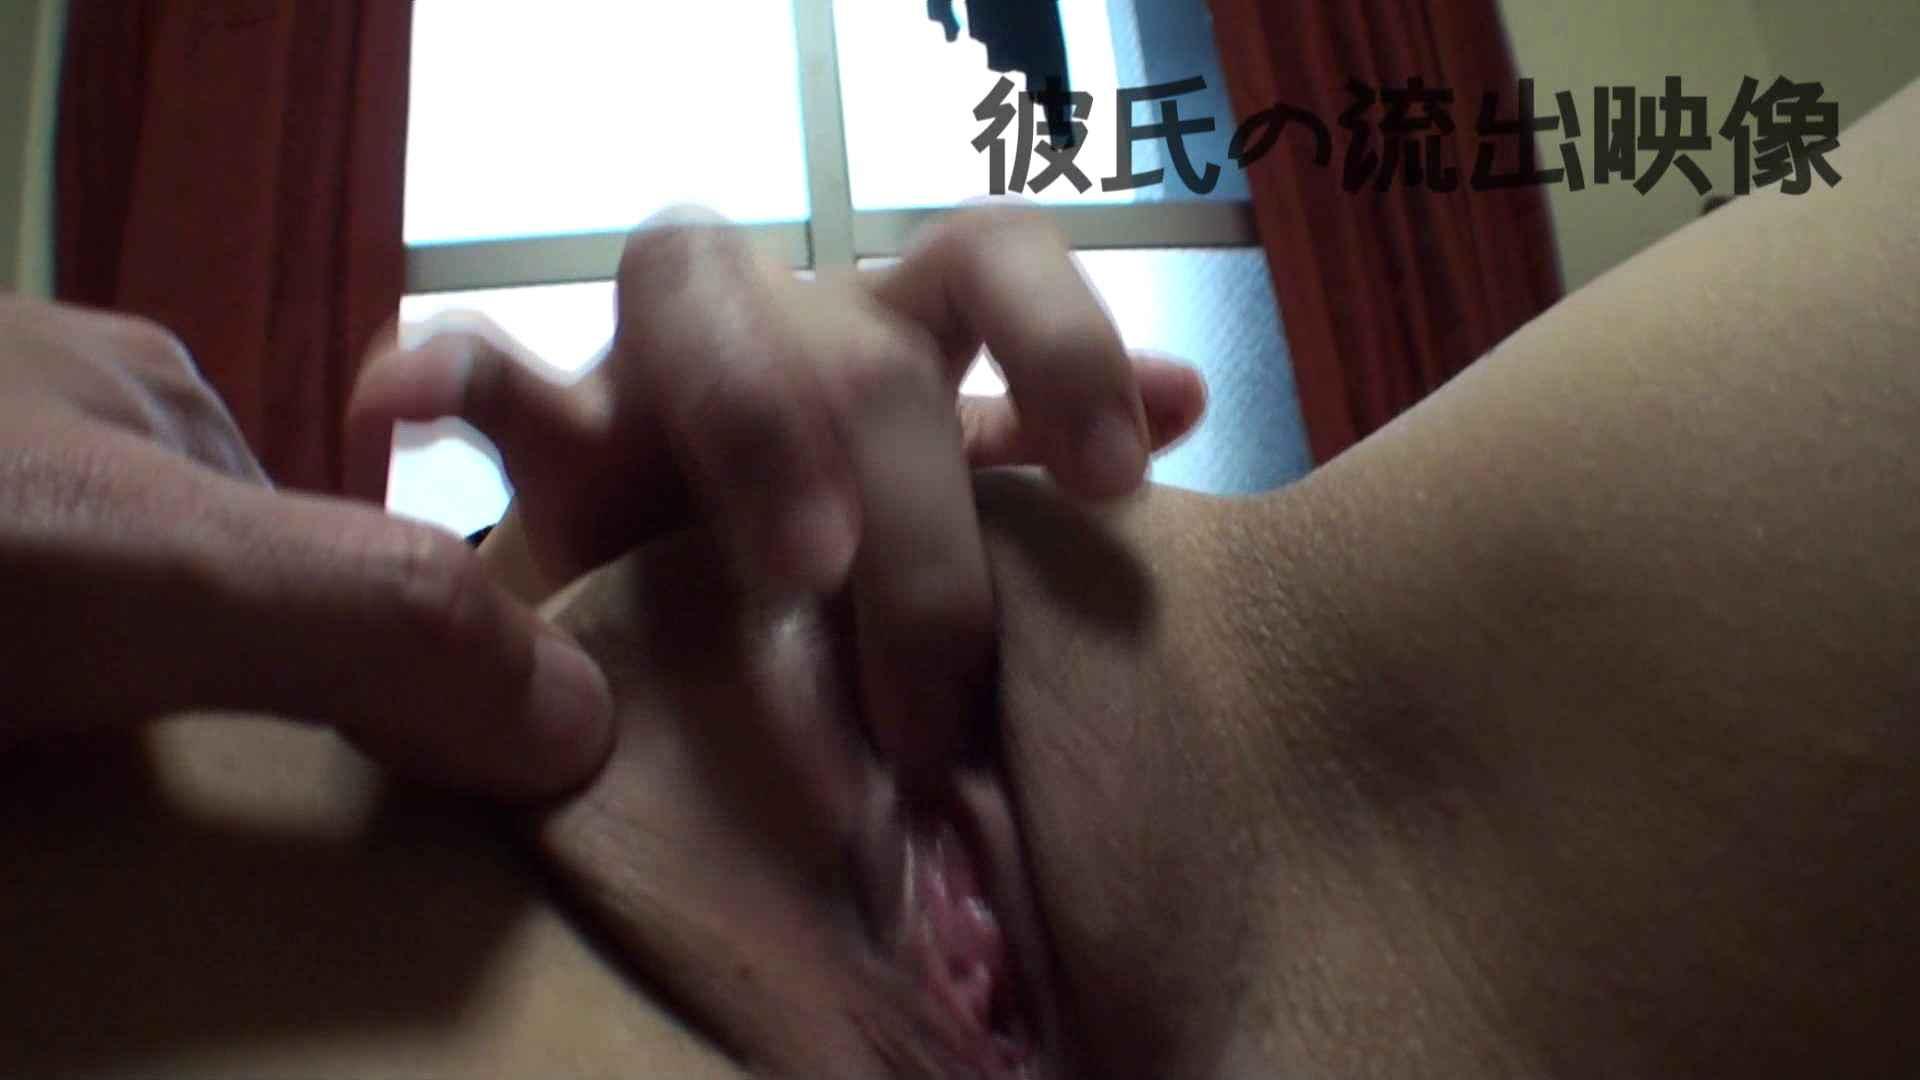 彼氏が流出 パイパン素人嬢のハメ撮り映像04 カップル  61PIX 33